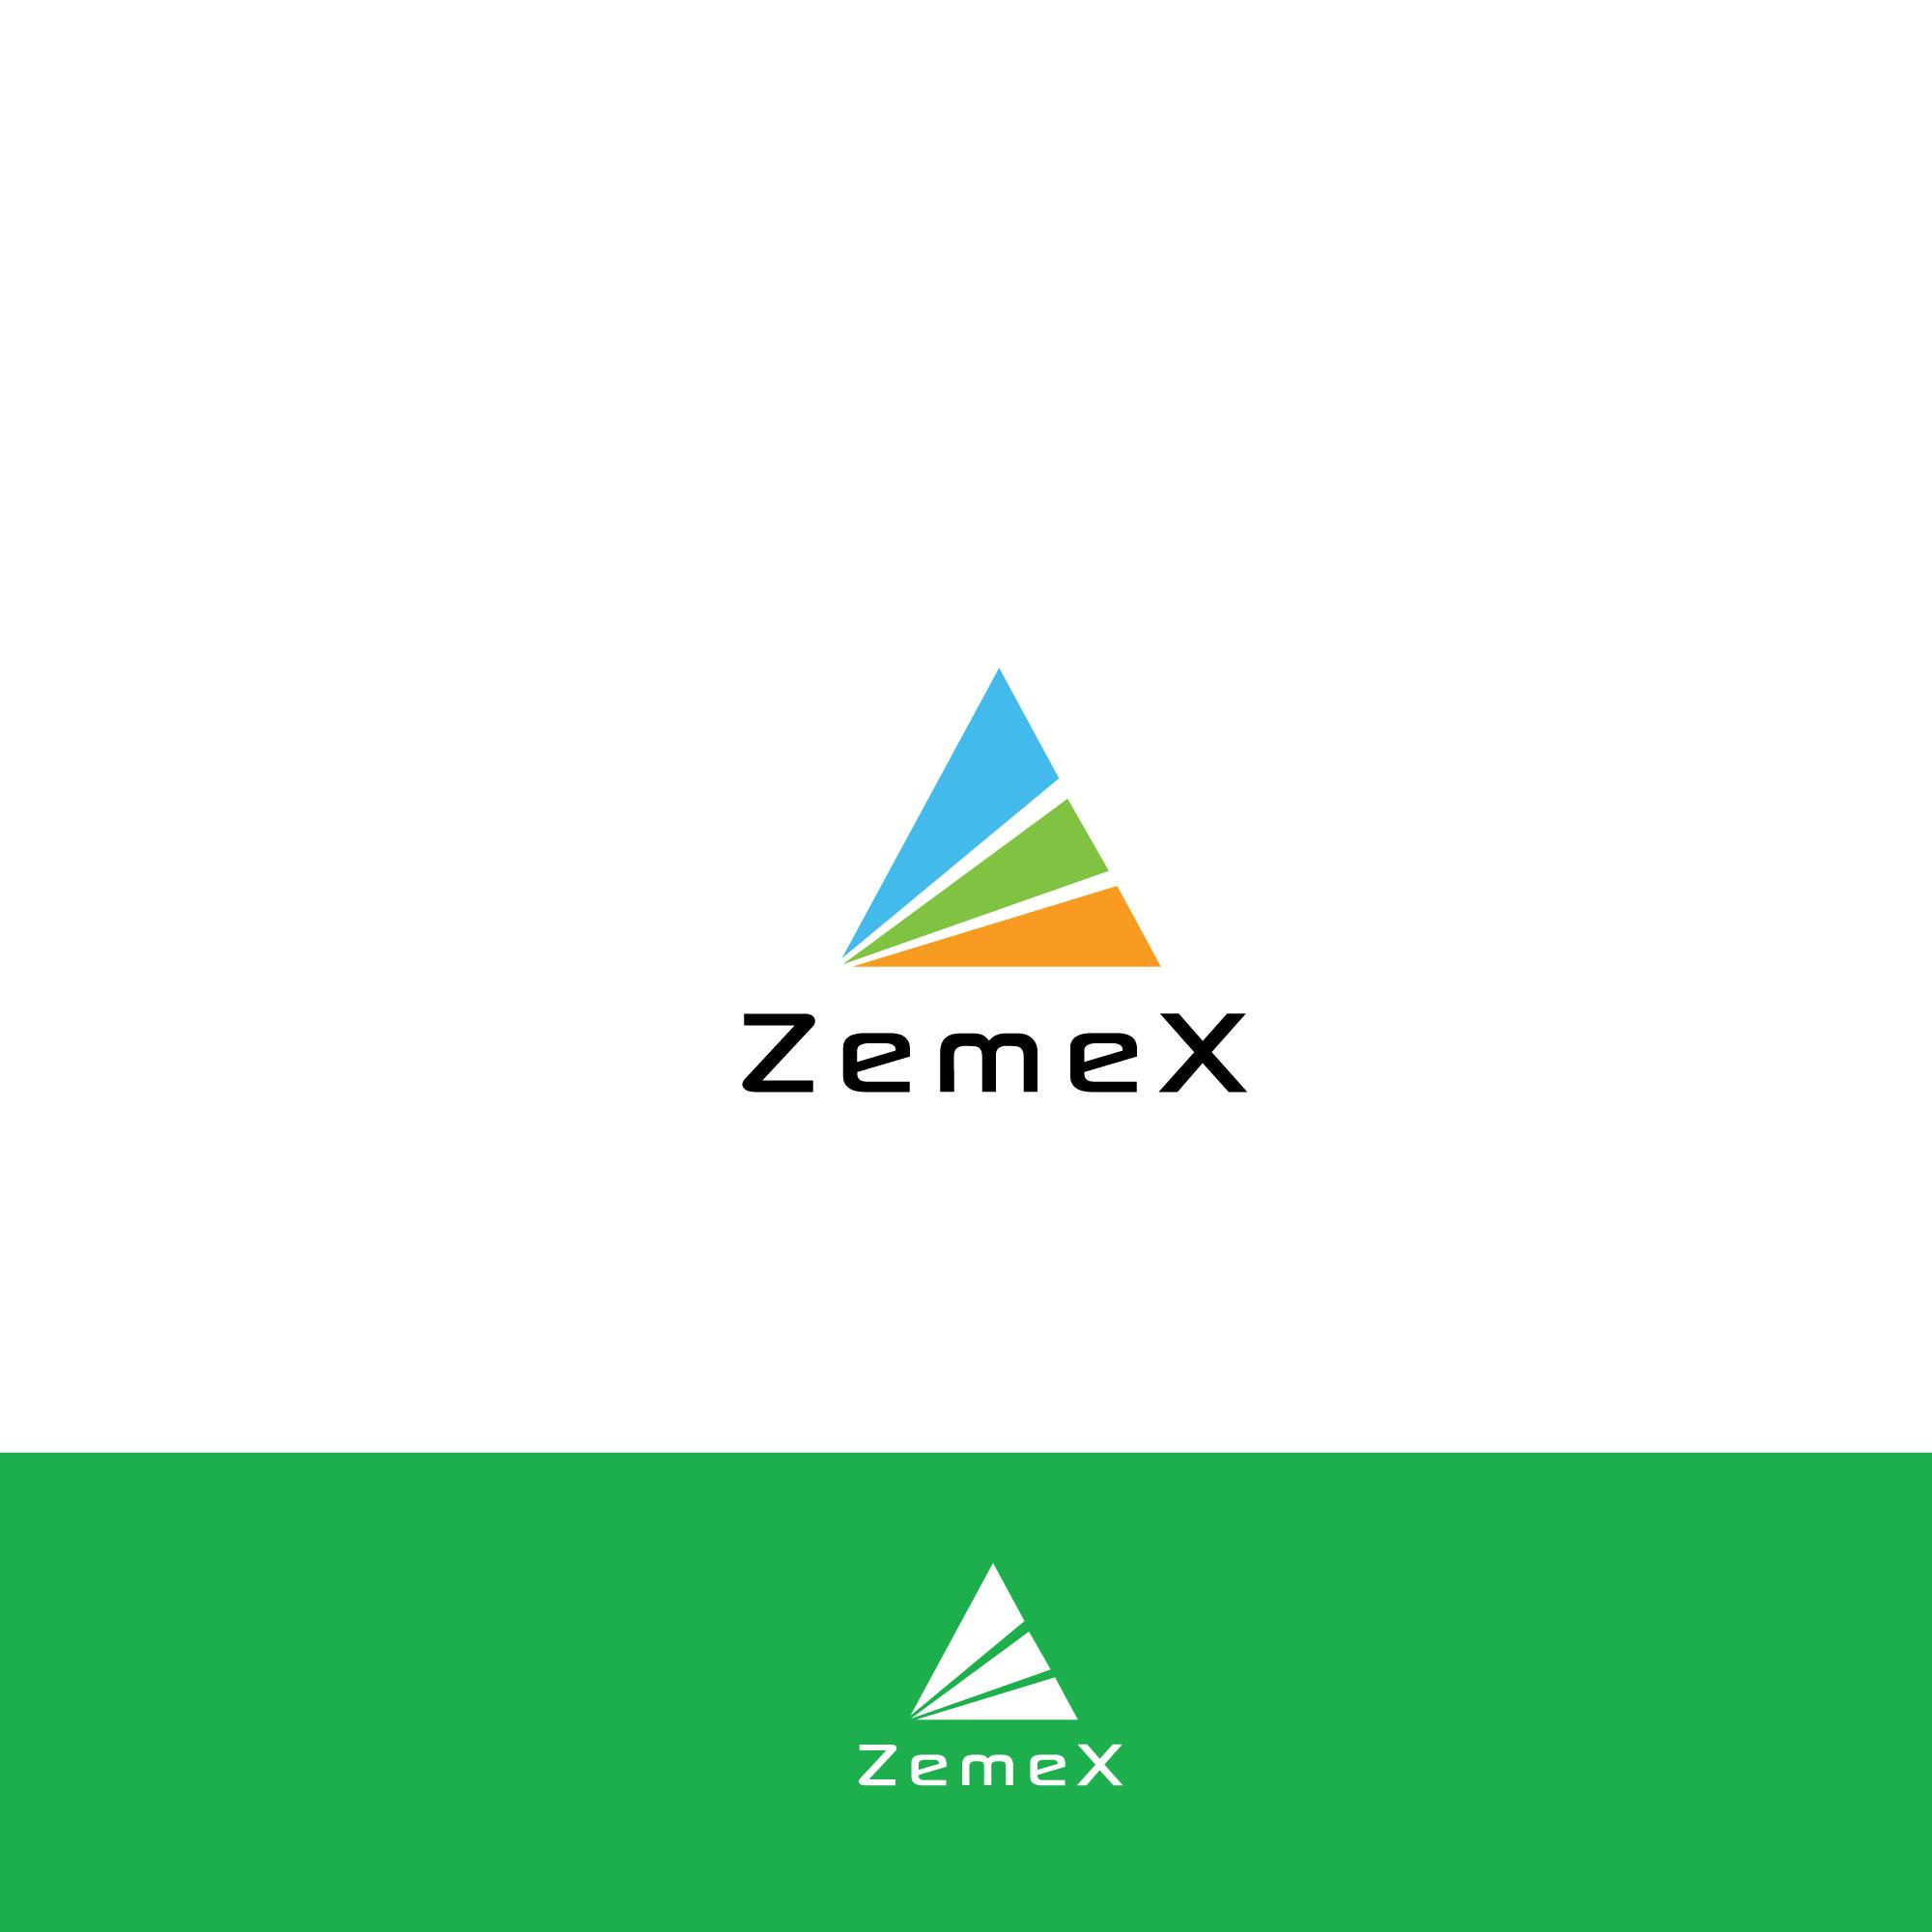 Создание логотипа и фирменного стиля фото f_06659e4be1f48710.jpg